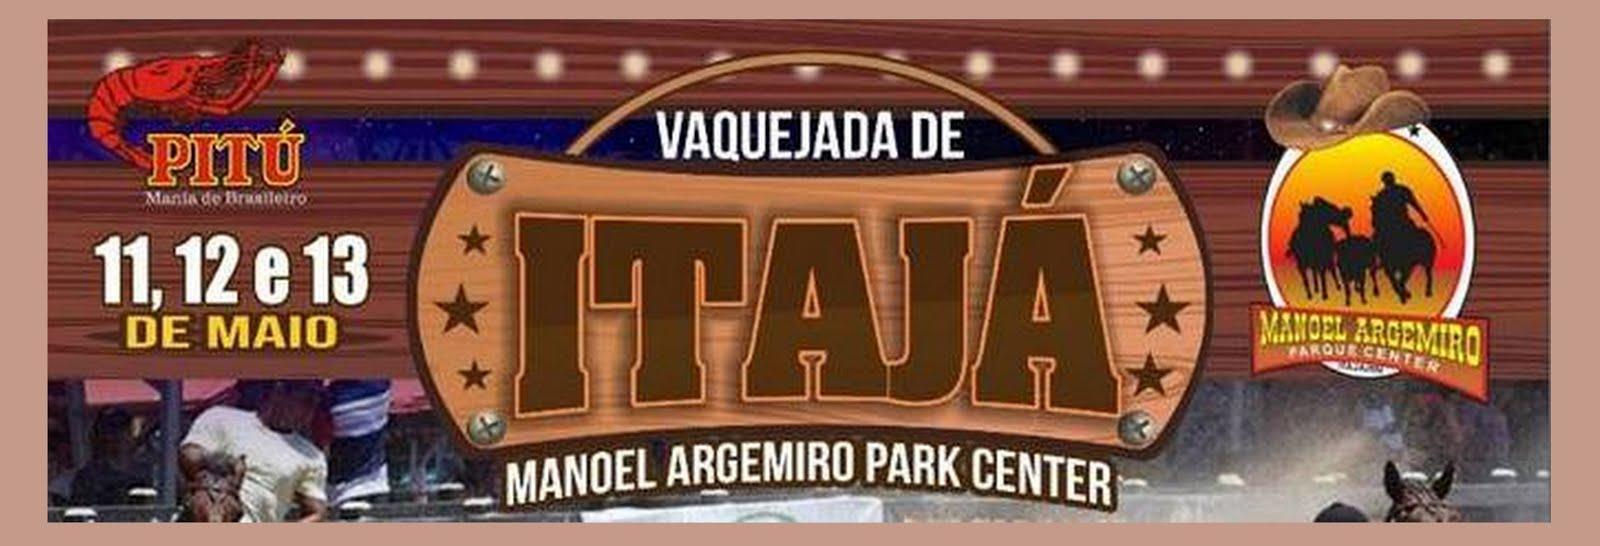 VAQUEJADA DE ITAJÁ 2018